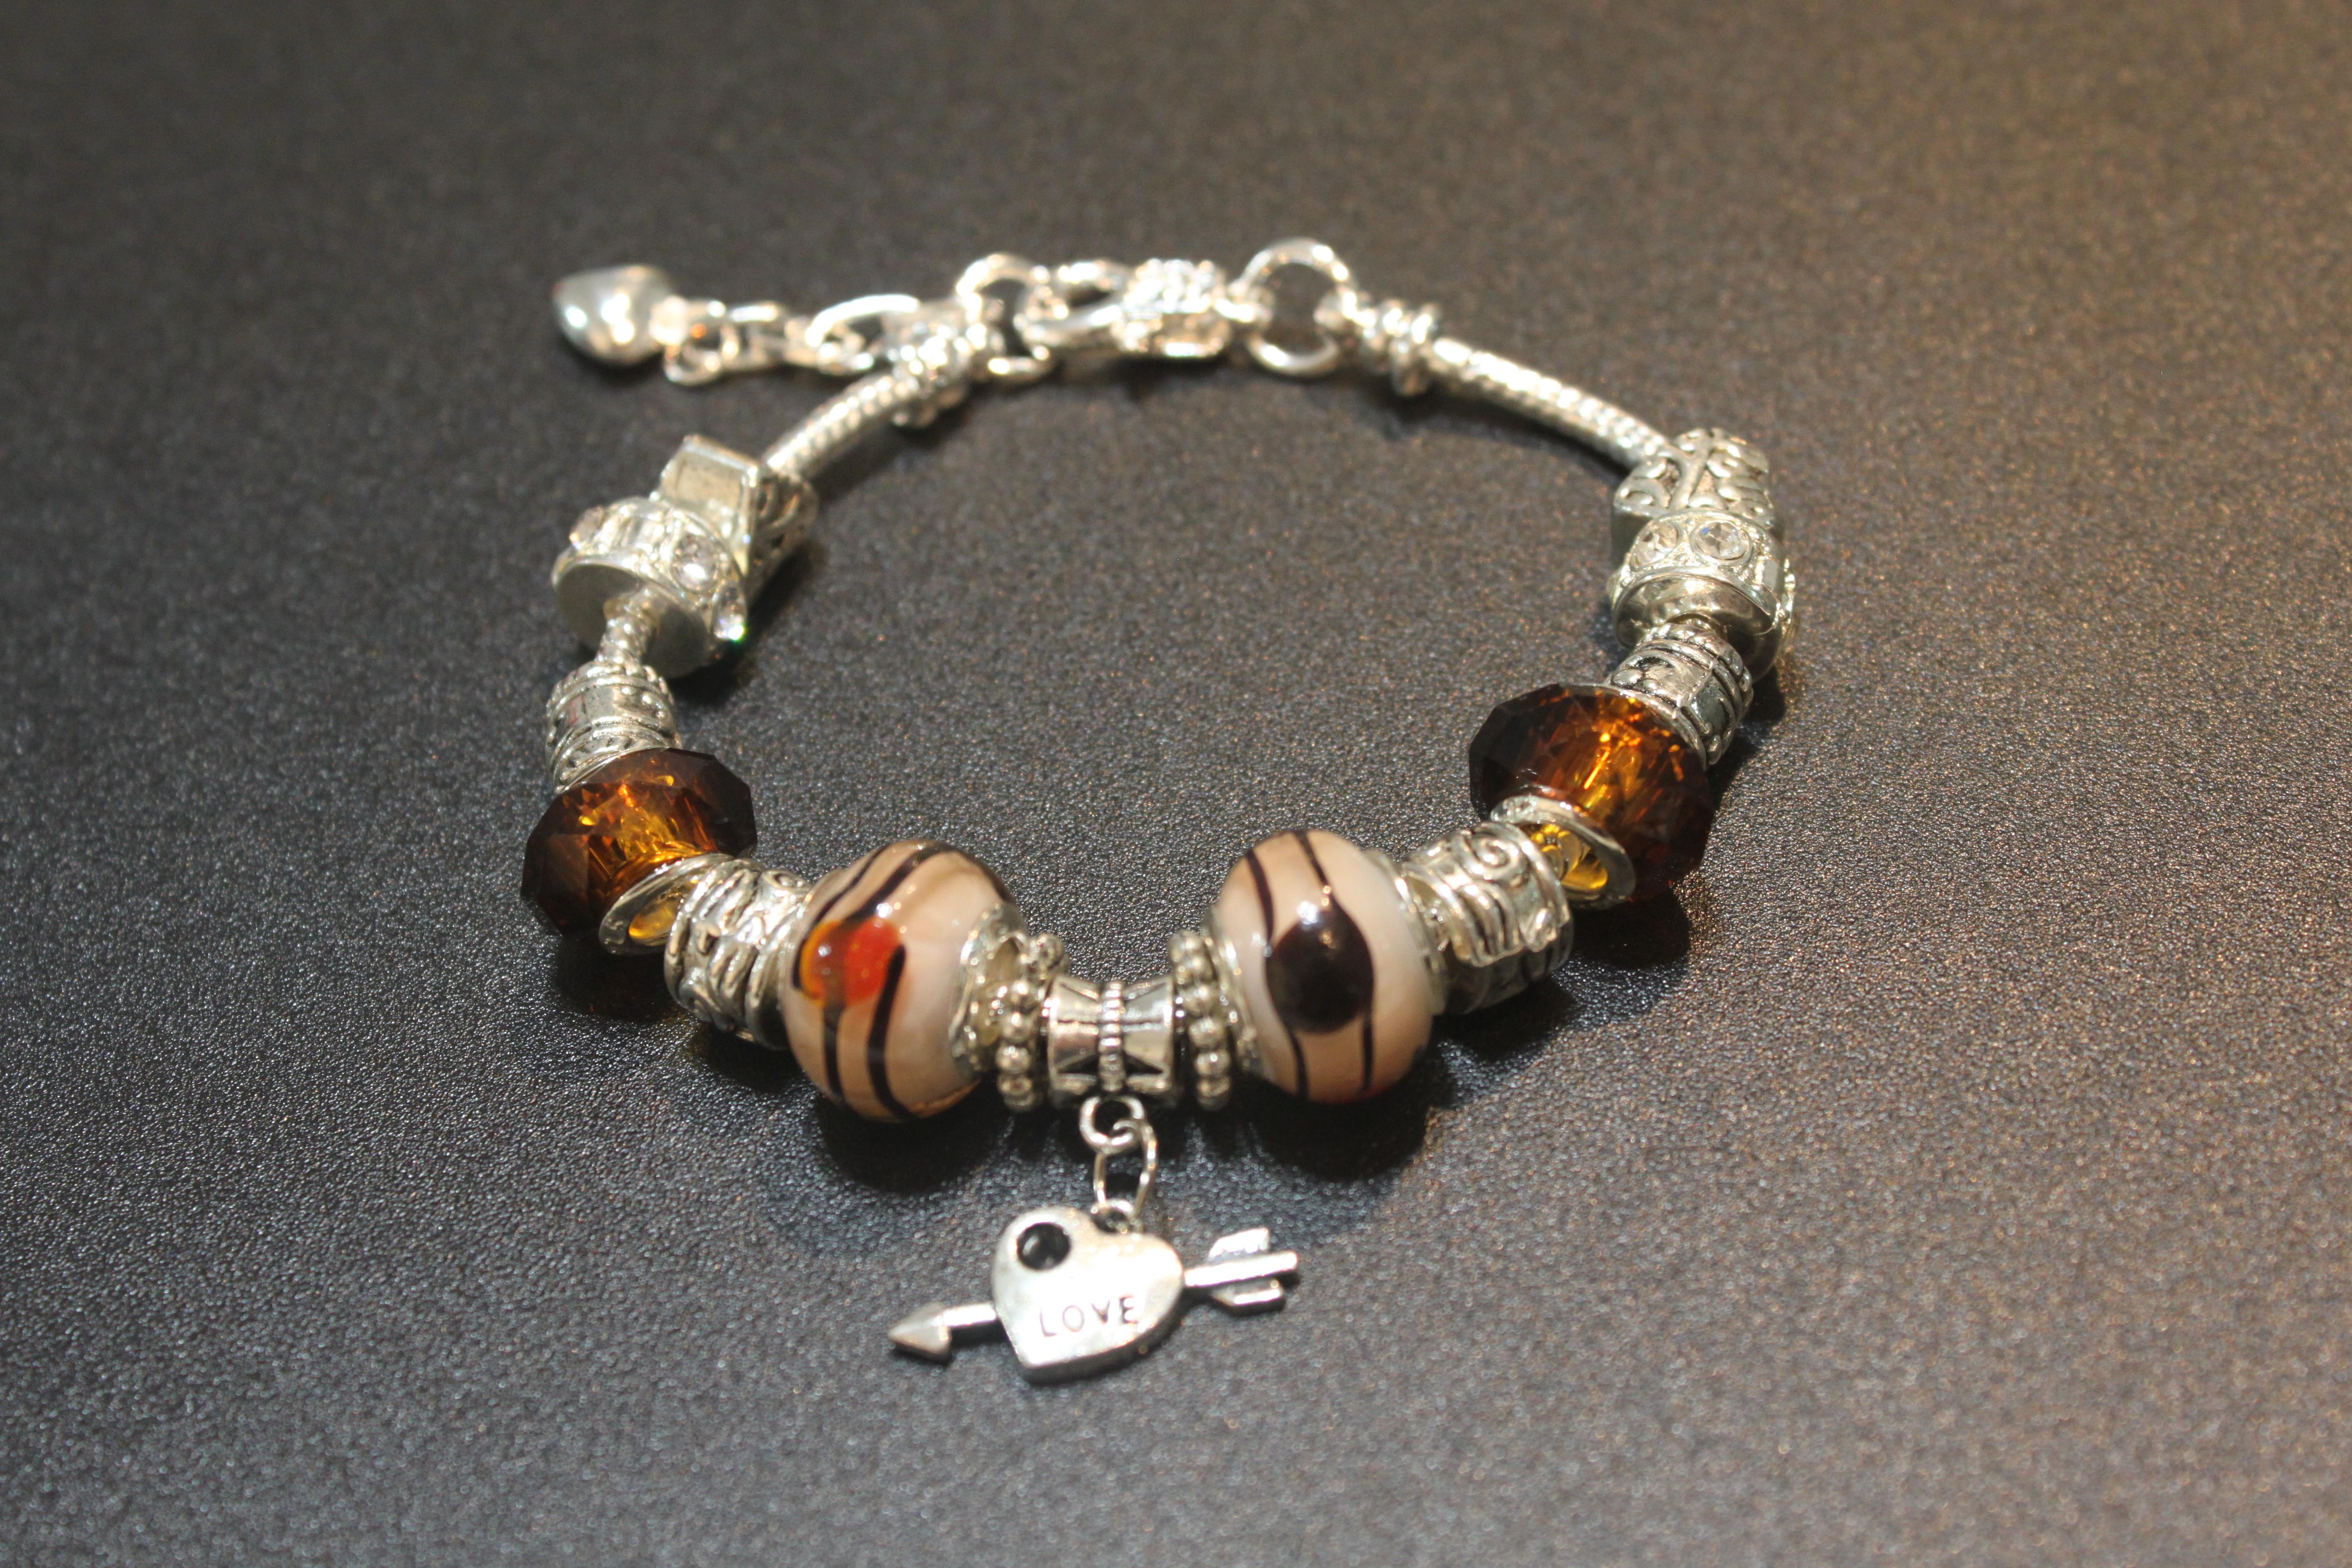 Love charm bracelet - Amber